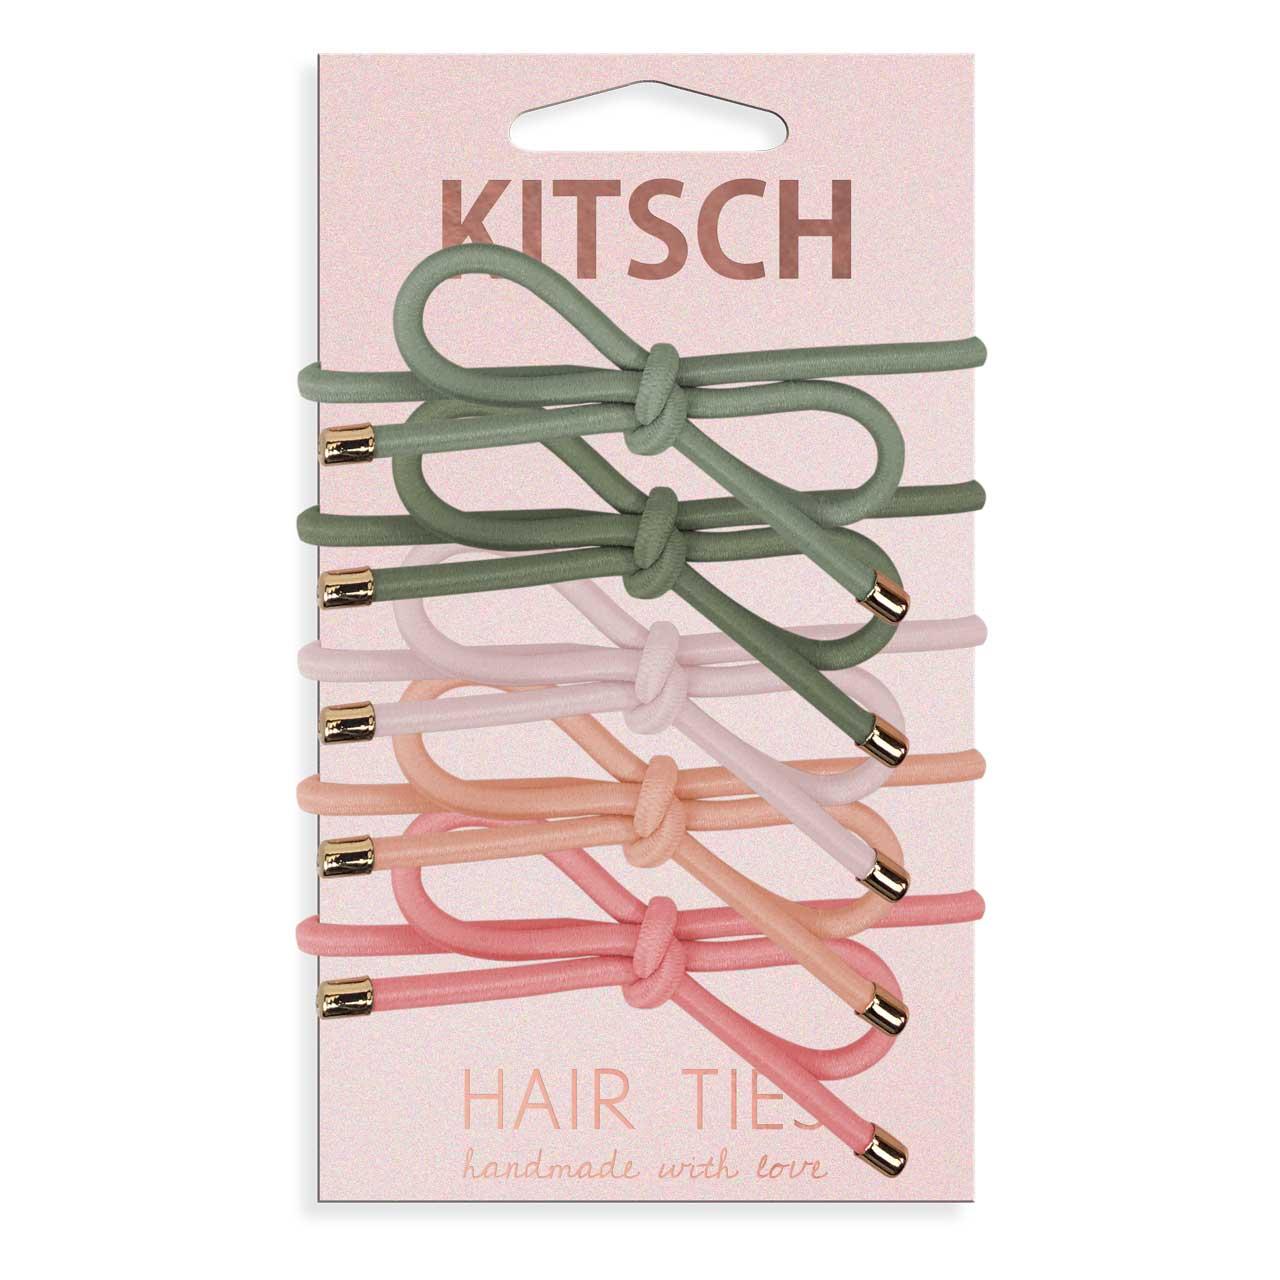 Kitsch hair ties